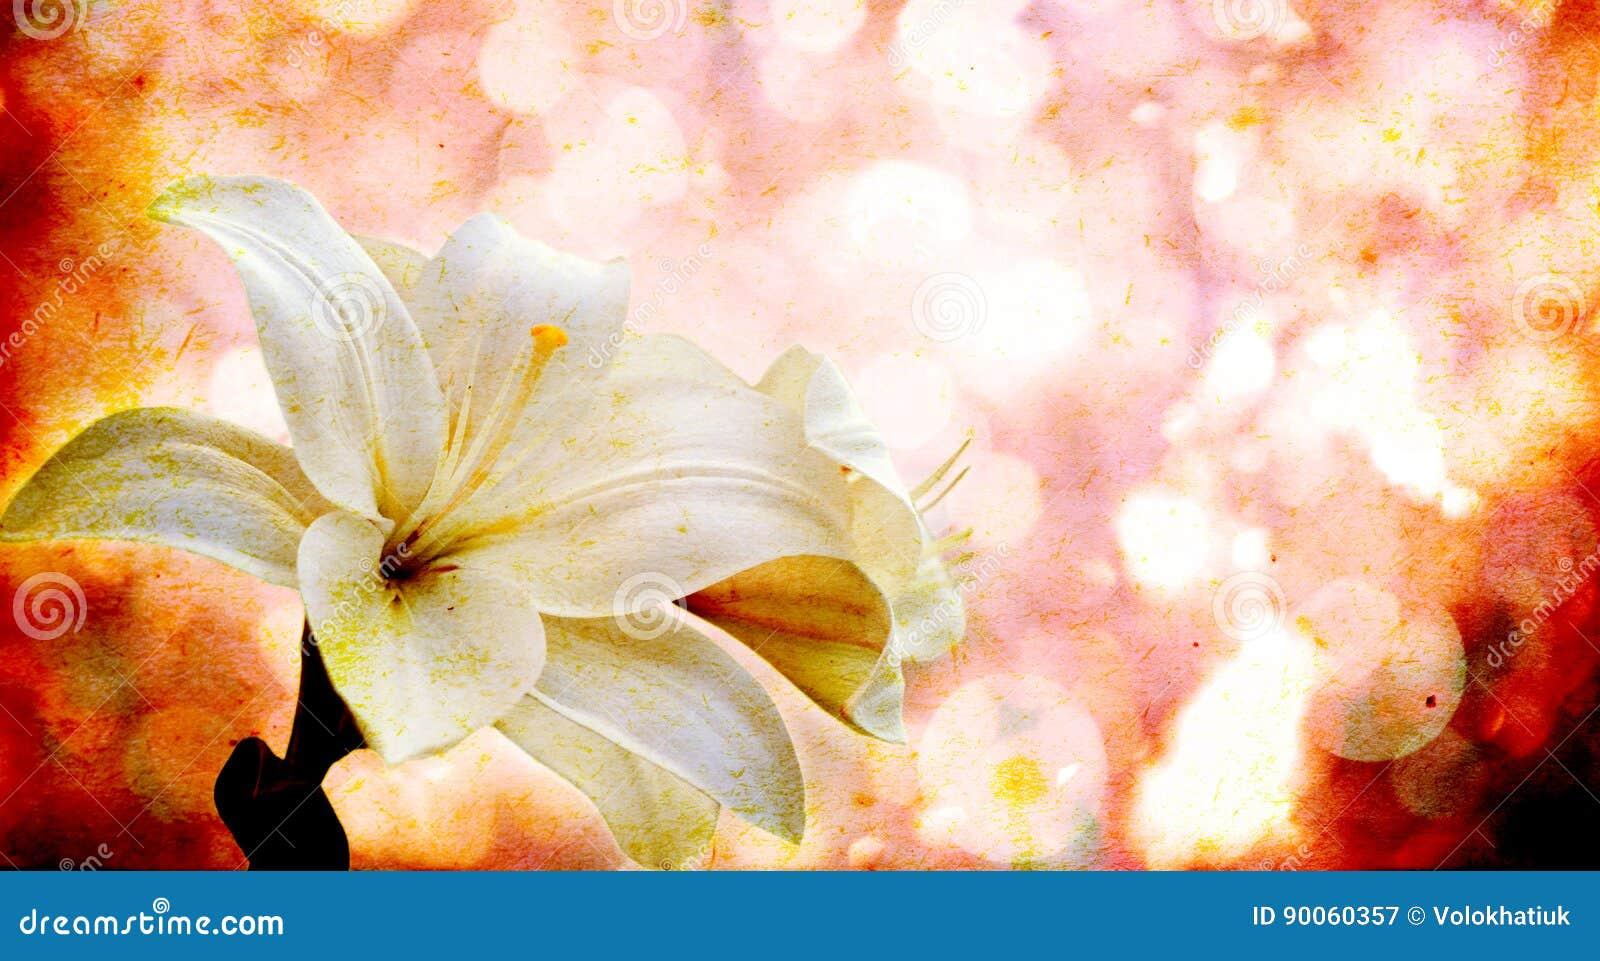 Bloemen op een uitstekende achtergrond